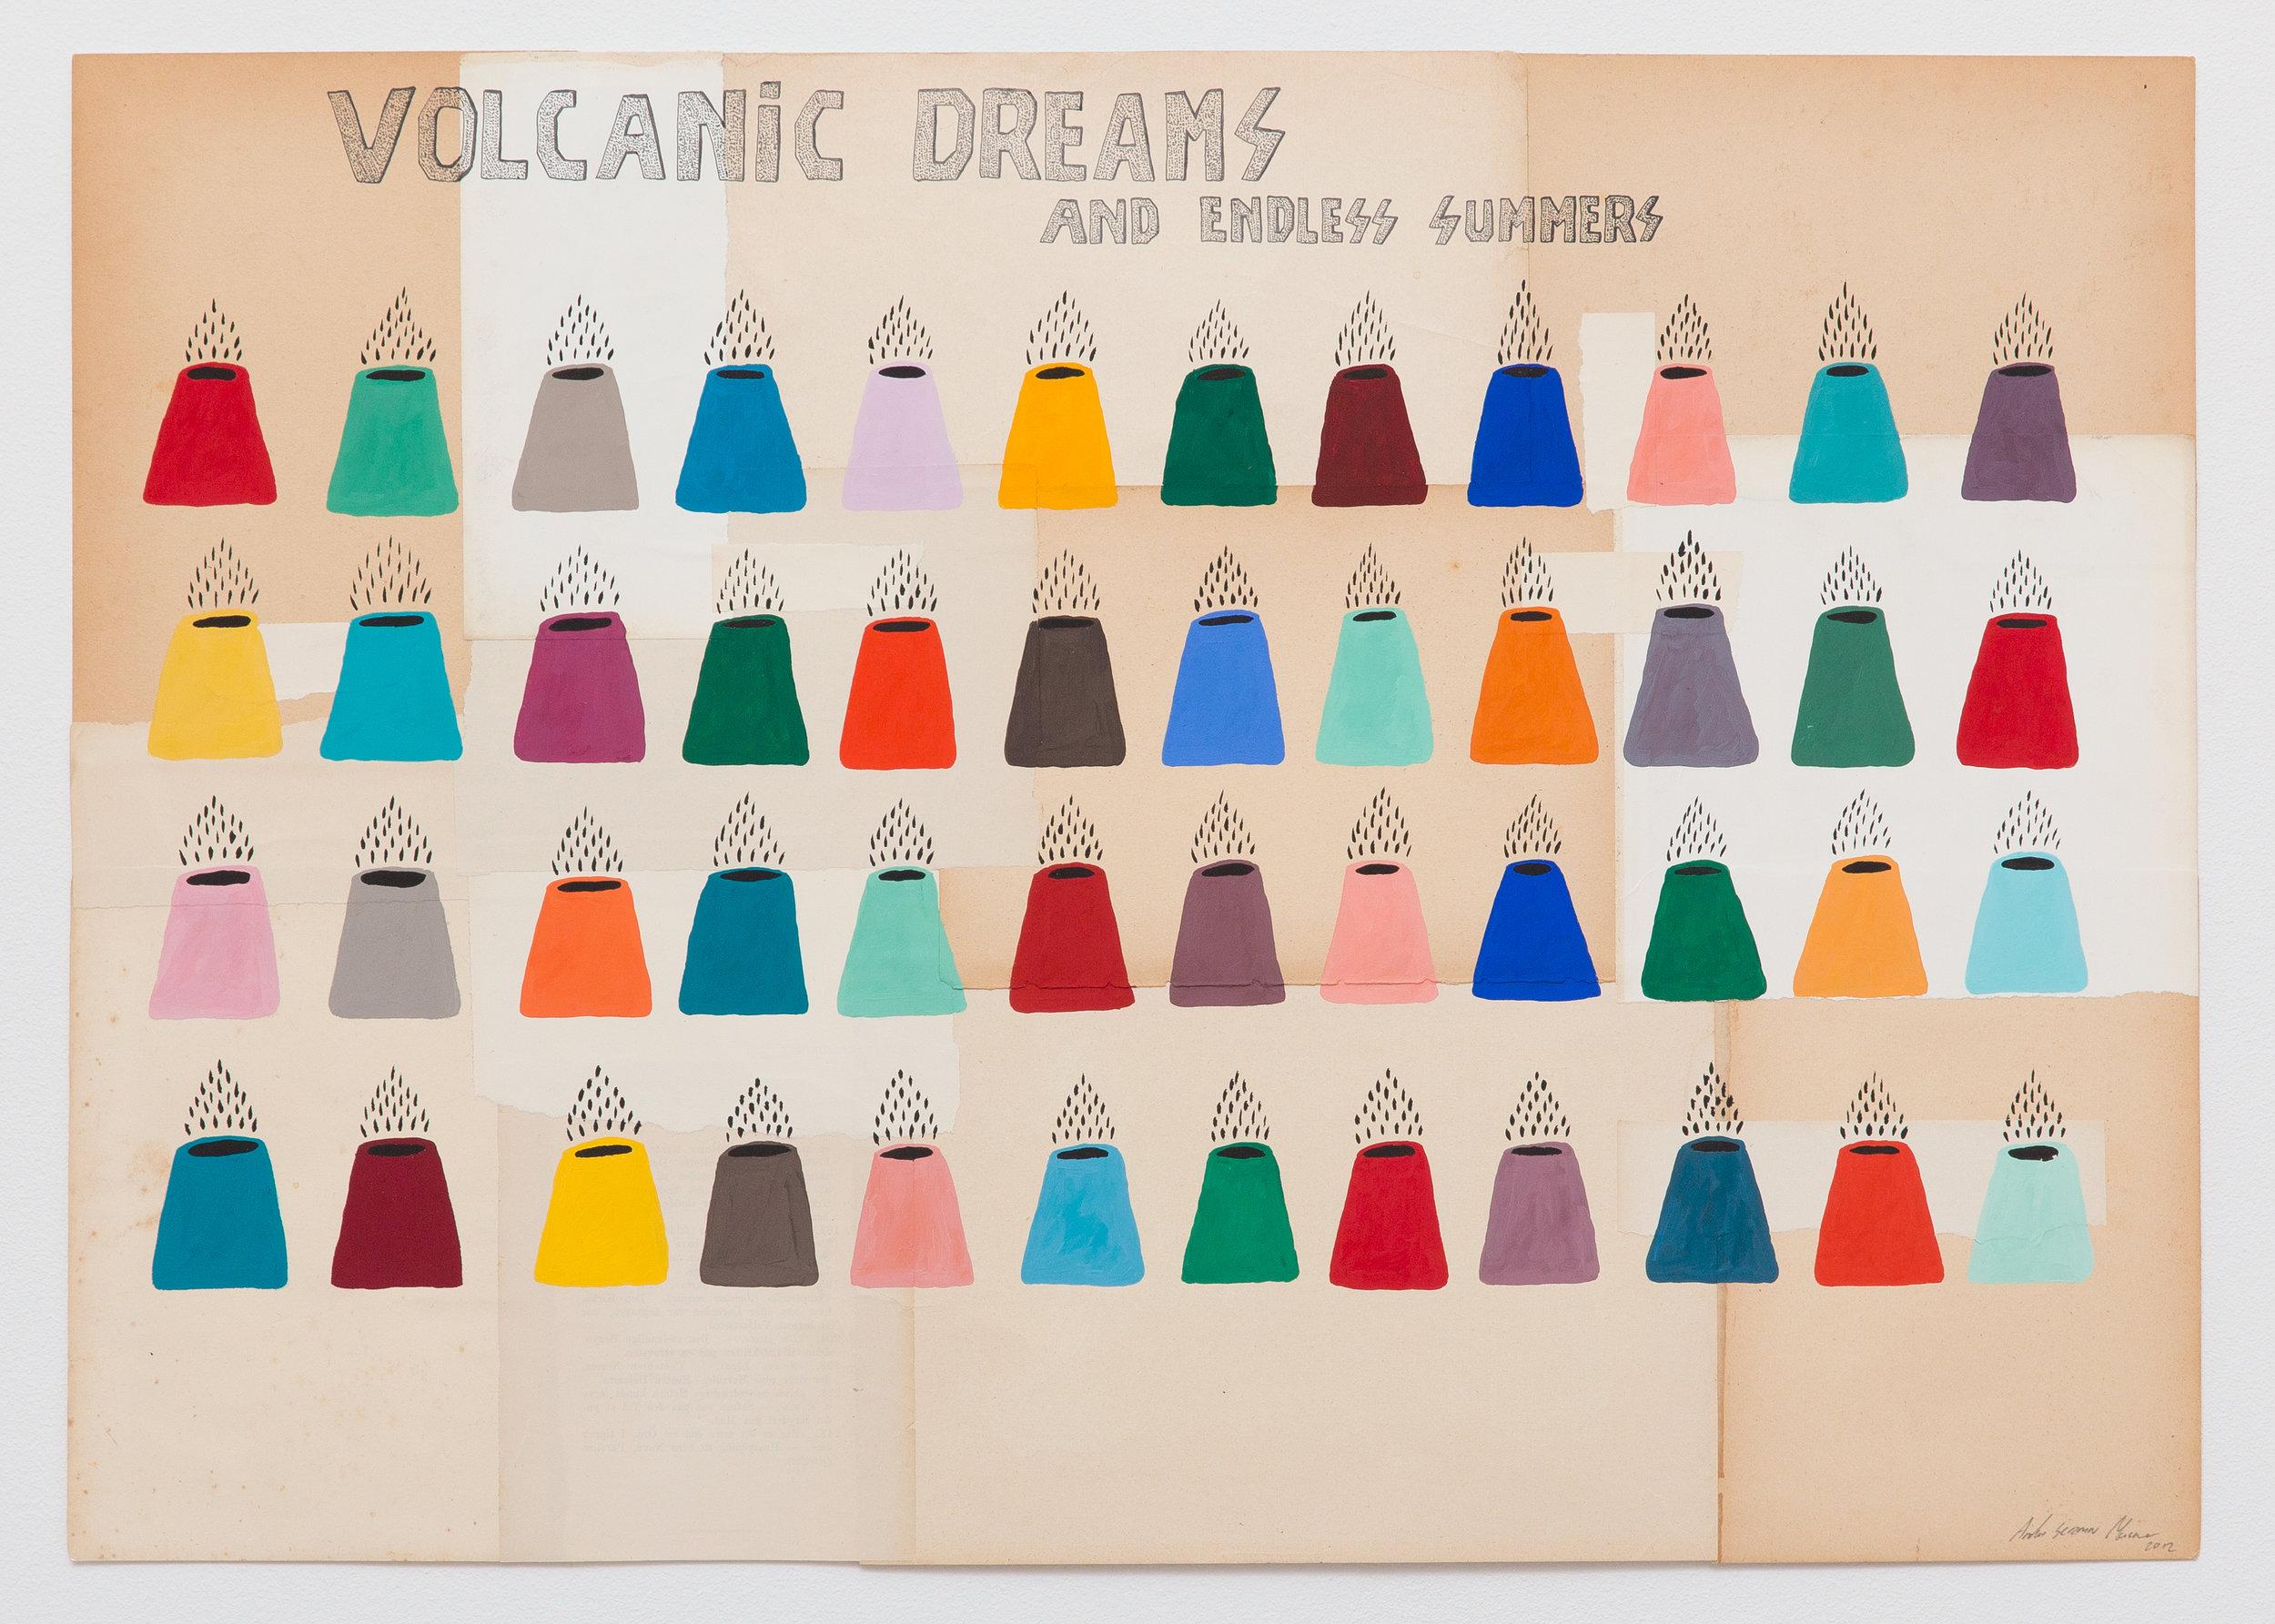 Volcanicdreamsandendlesssummers.jpg